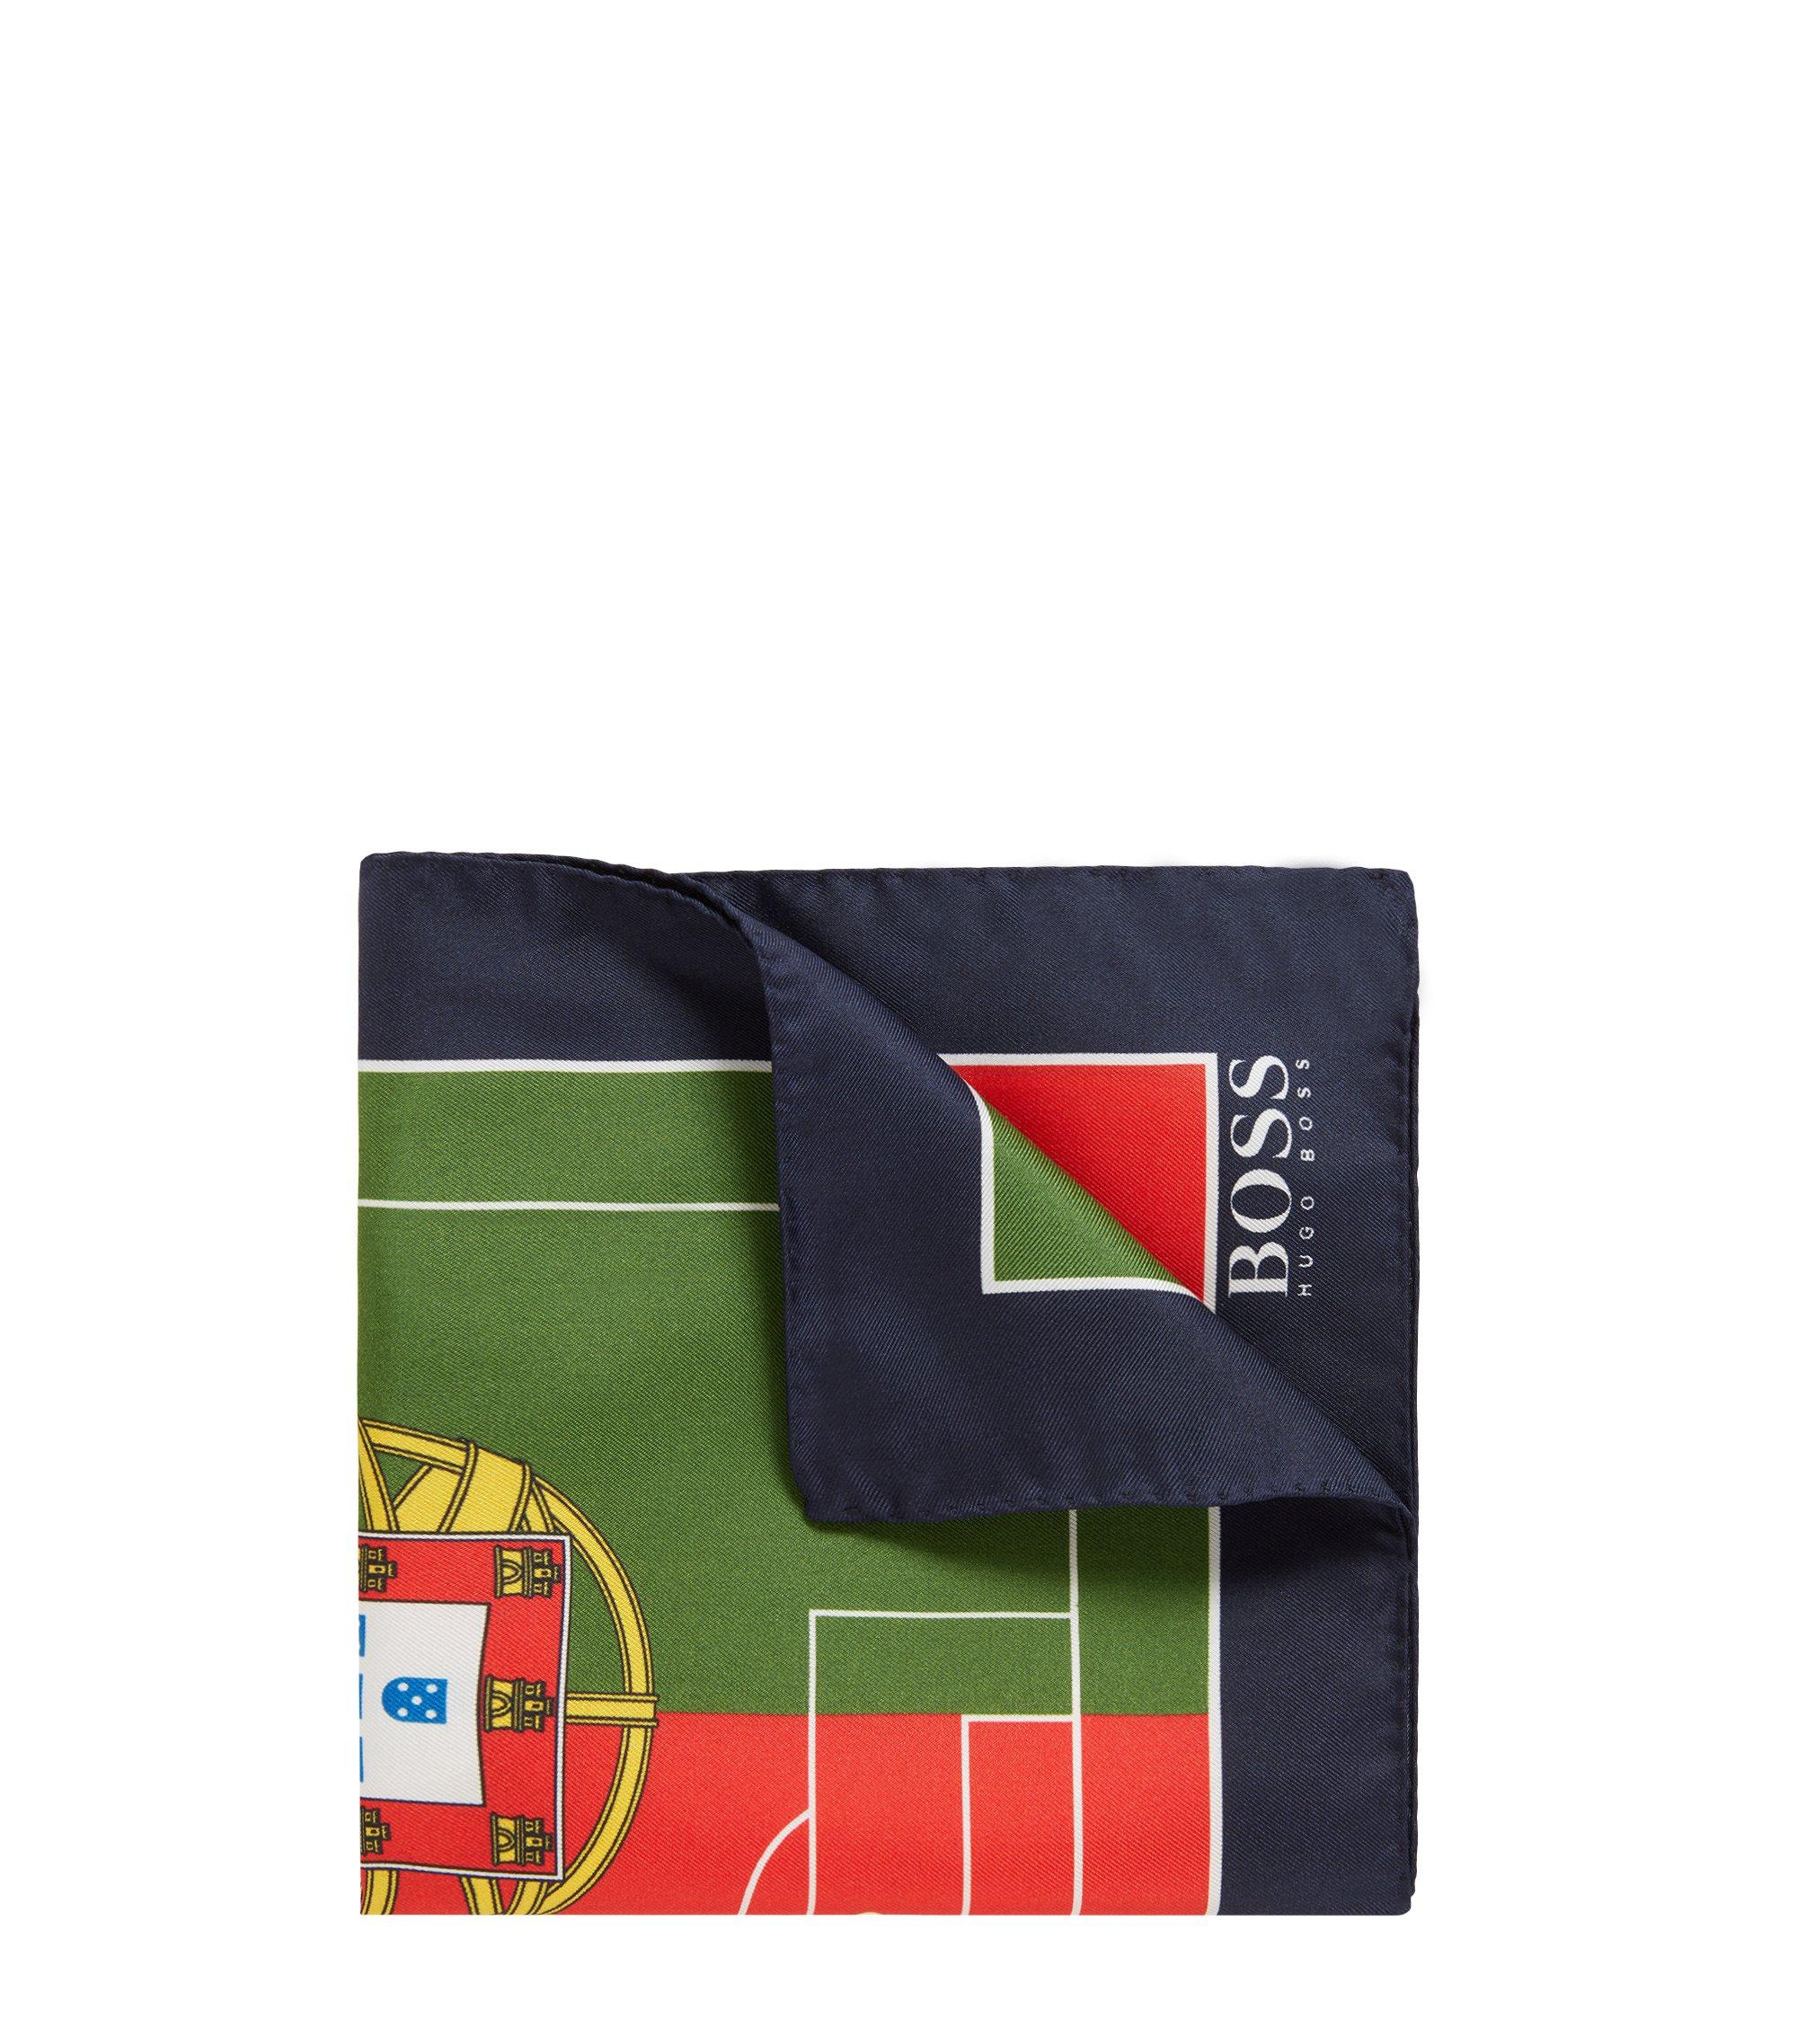 Zijden pochet in de kleuren van de nationale vlag, Donkerblauw